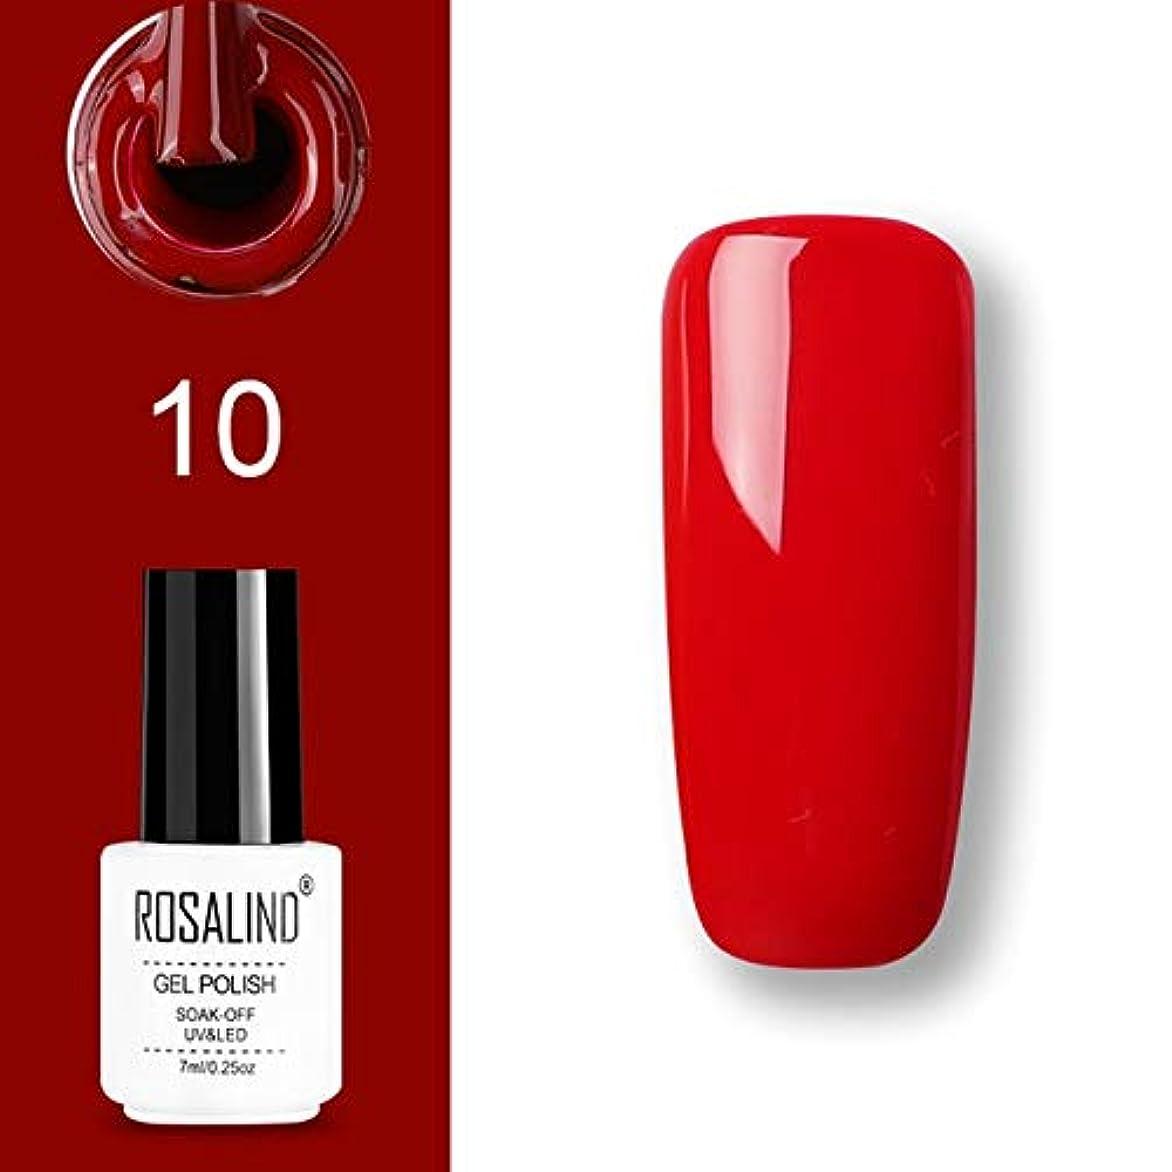 エコー接地フラップファッションアイテム ROSALINDジェルポリッシュセットUVセミパーマネントプライマートップコートポリジェルニスネイルアートマニキュアジェル、容量:7ml 10。 環境に優しいマニキュア